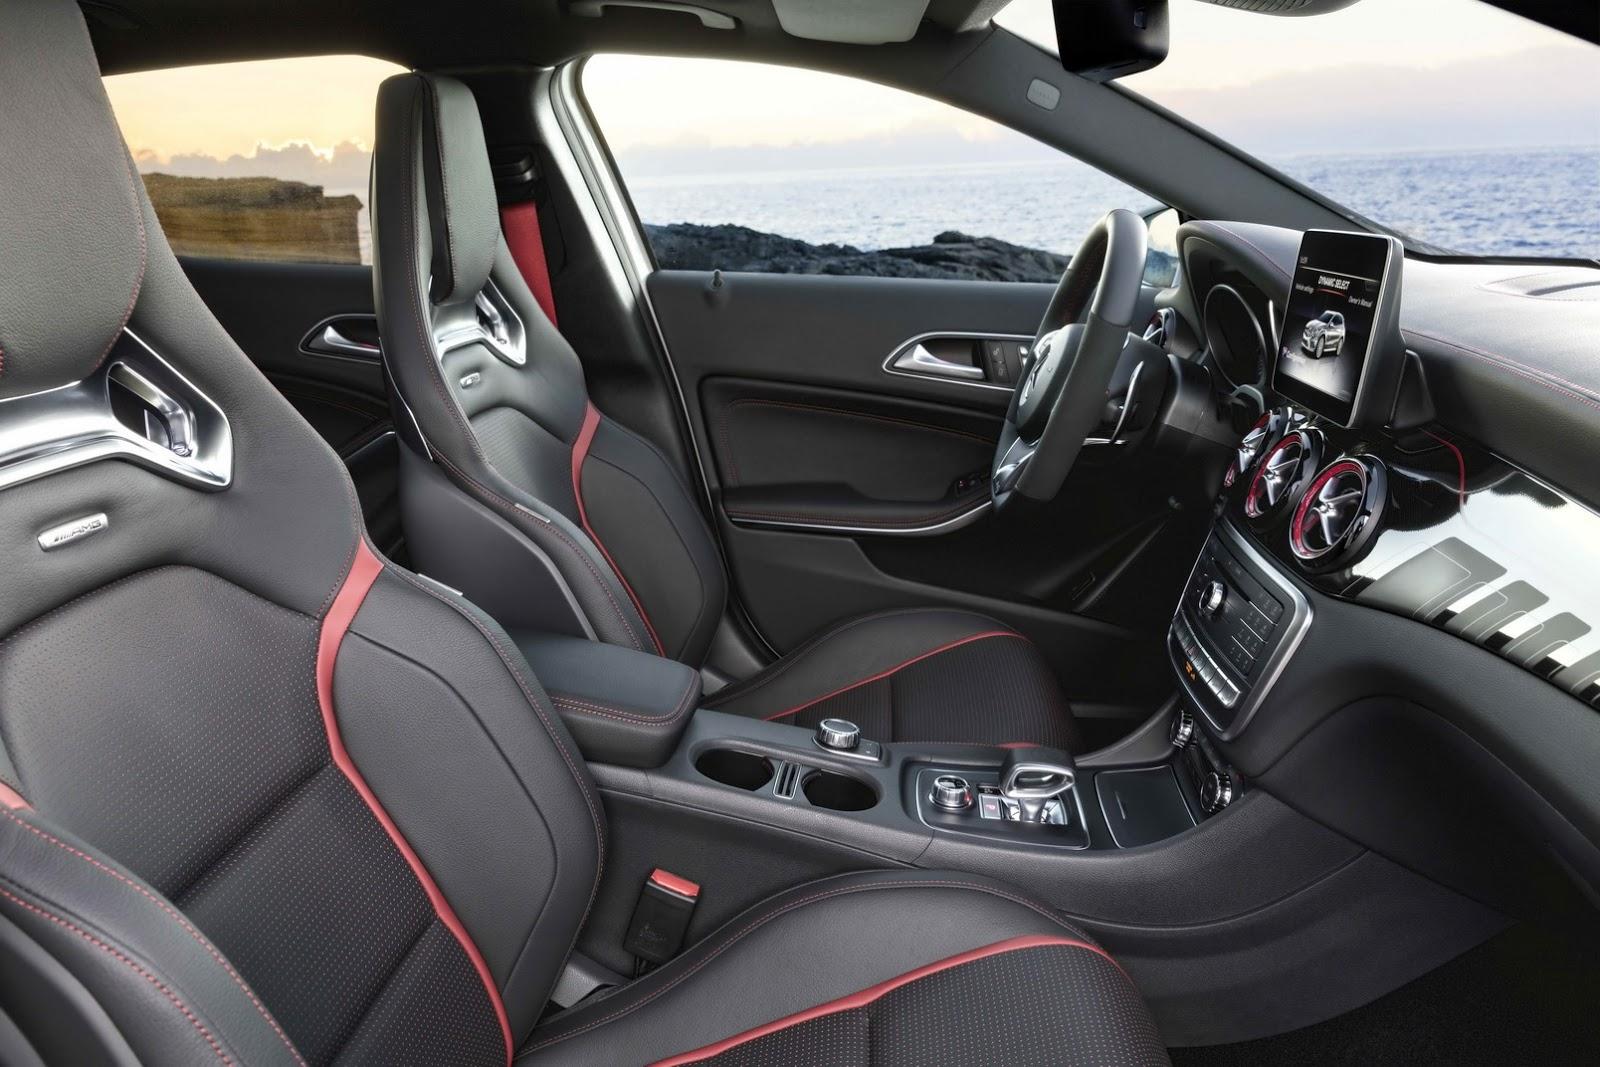 Mercedes GLA facelift and GLA 45 AMG facelift 2017 (86)